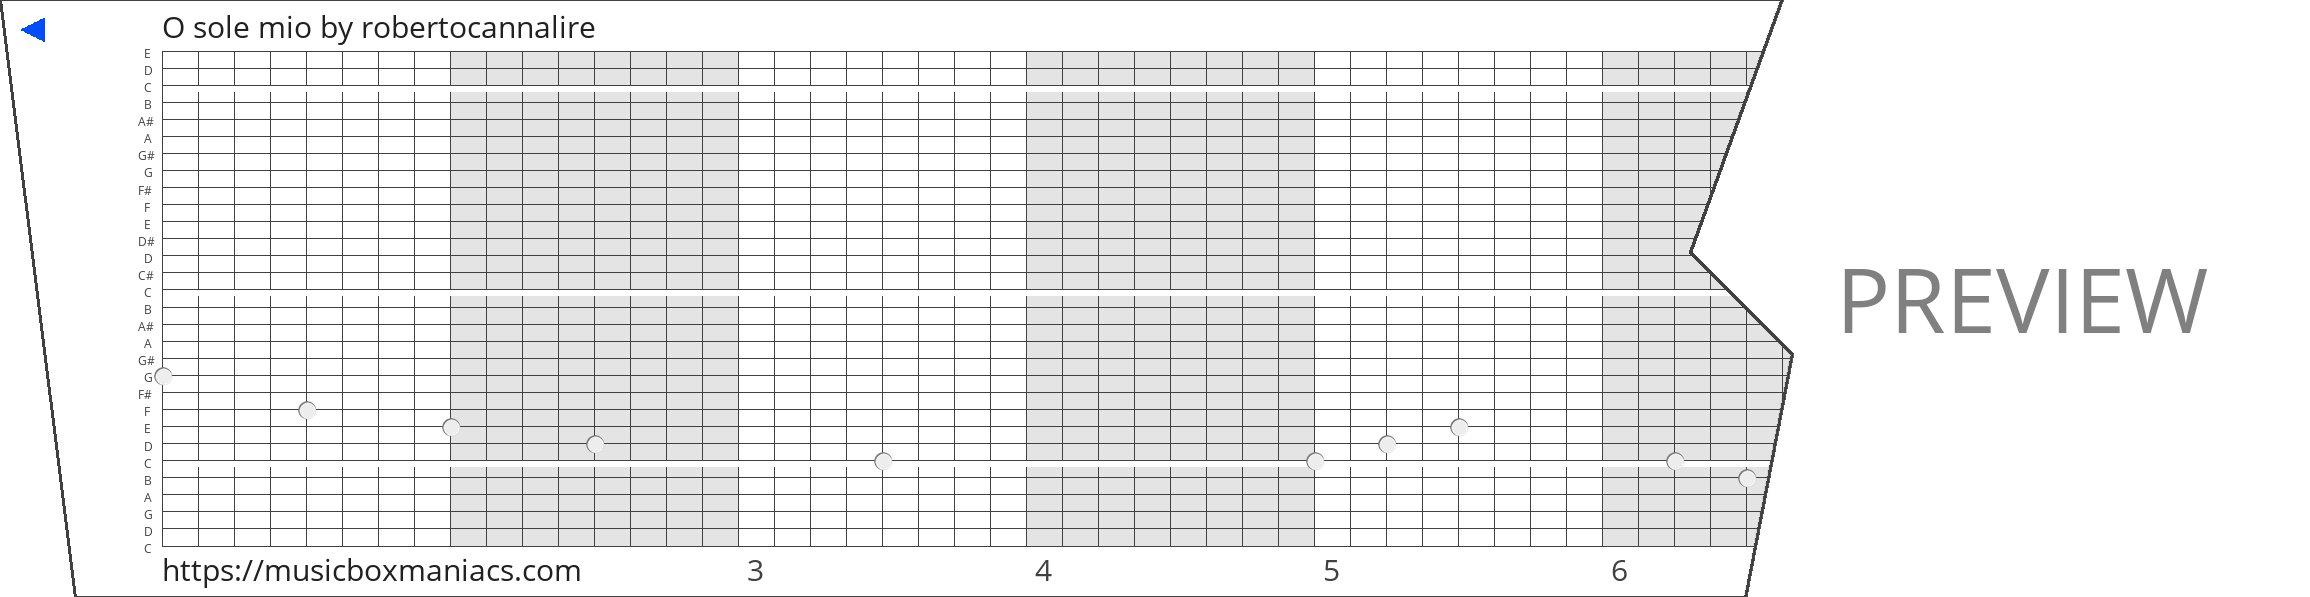 O sole mio 30 note music box paper strip